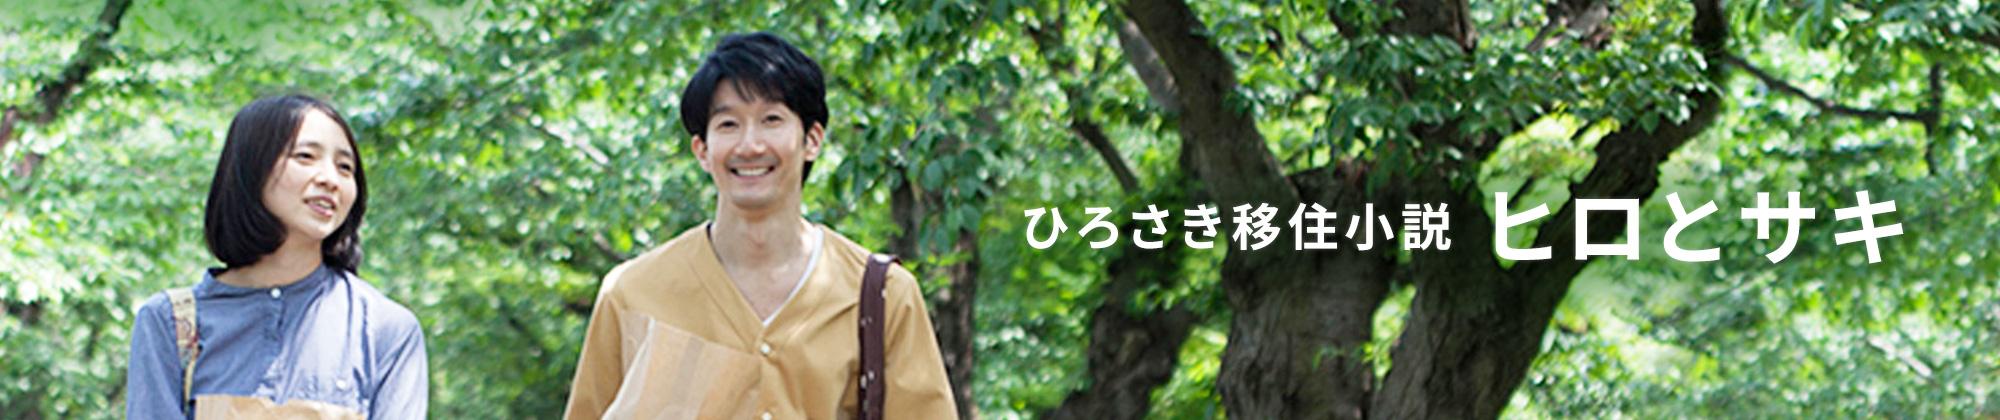 ひろさき移住小説 ヒロとサキ